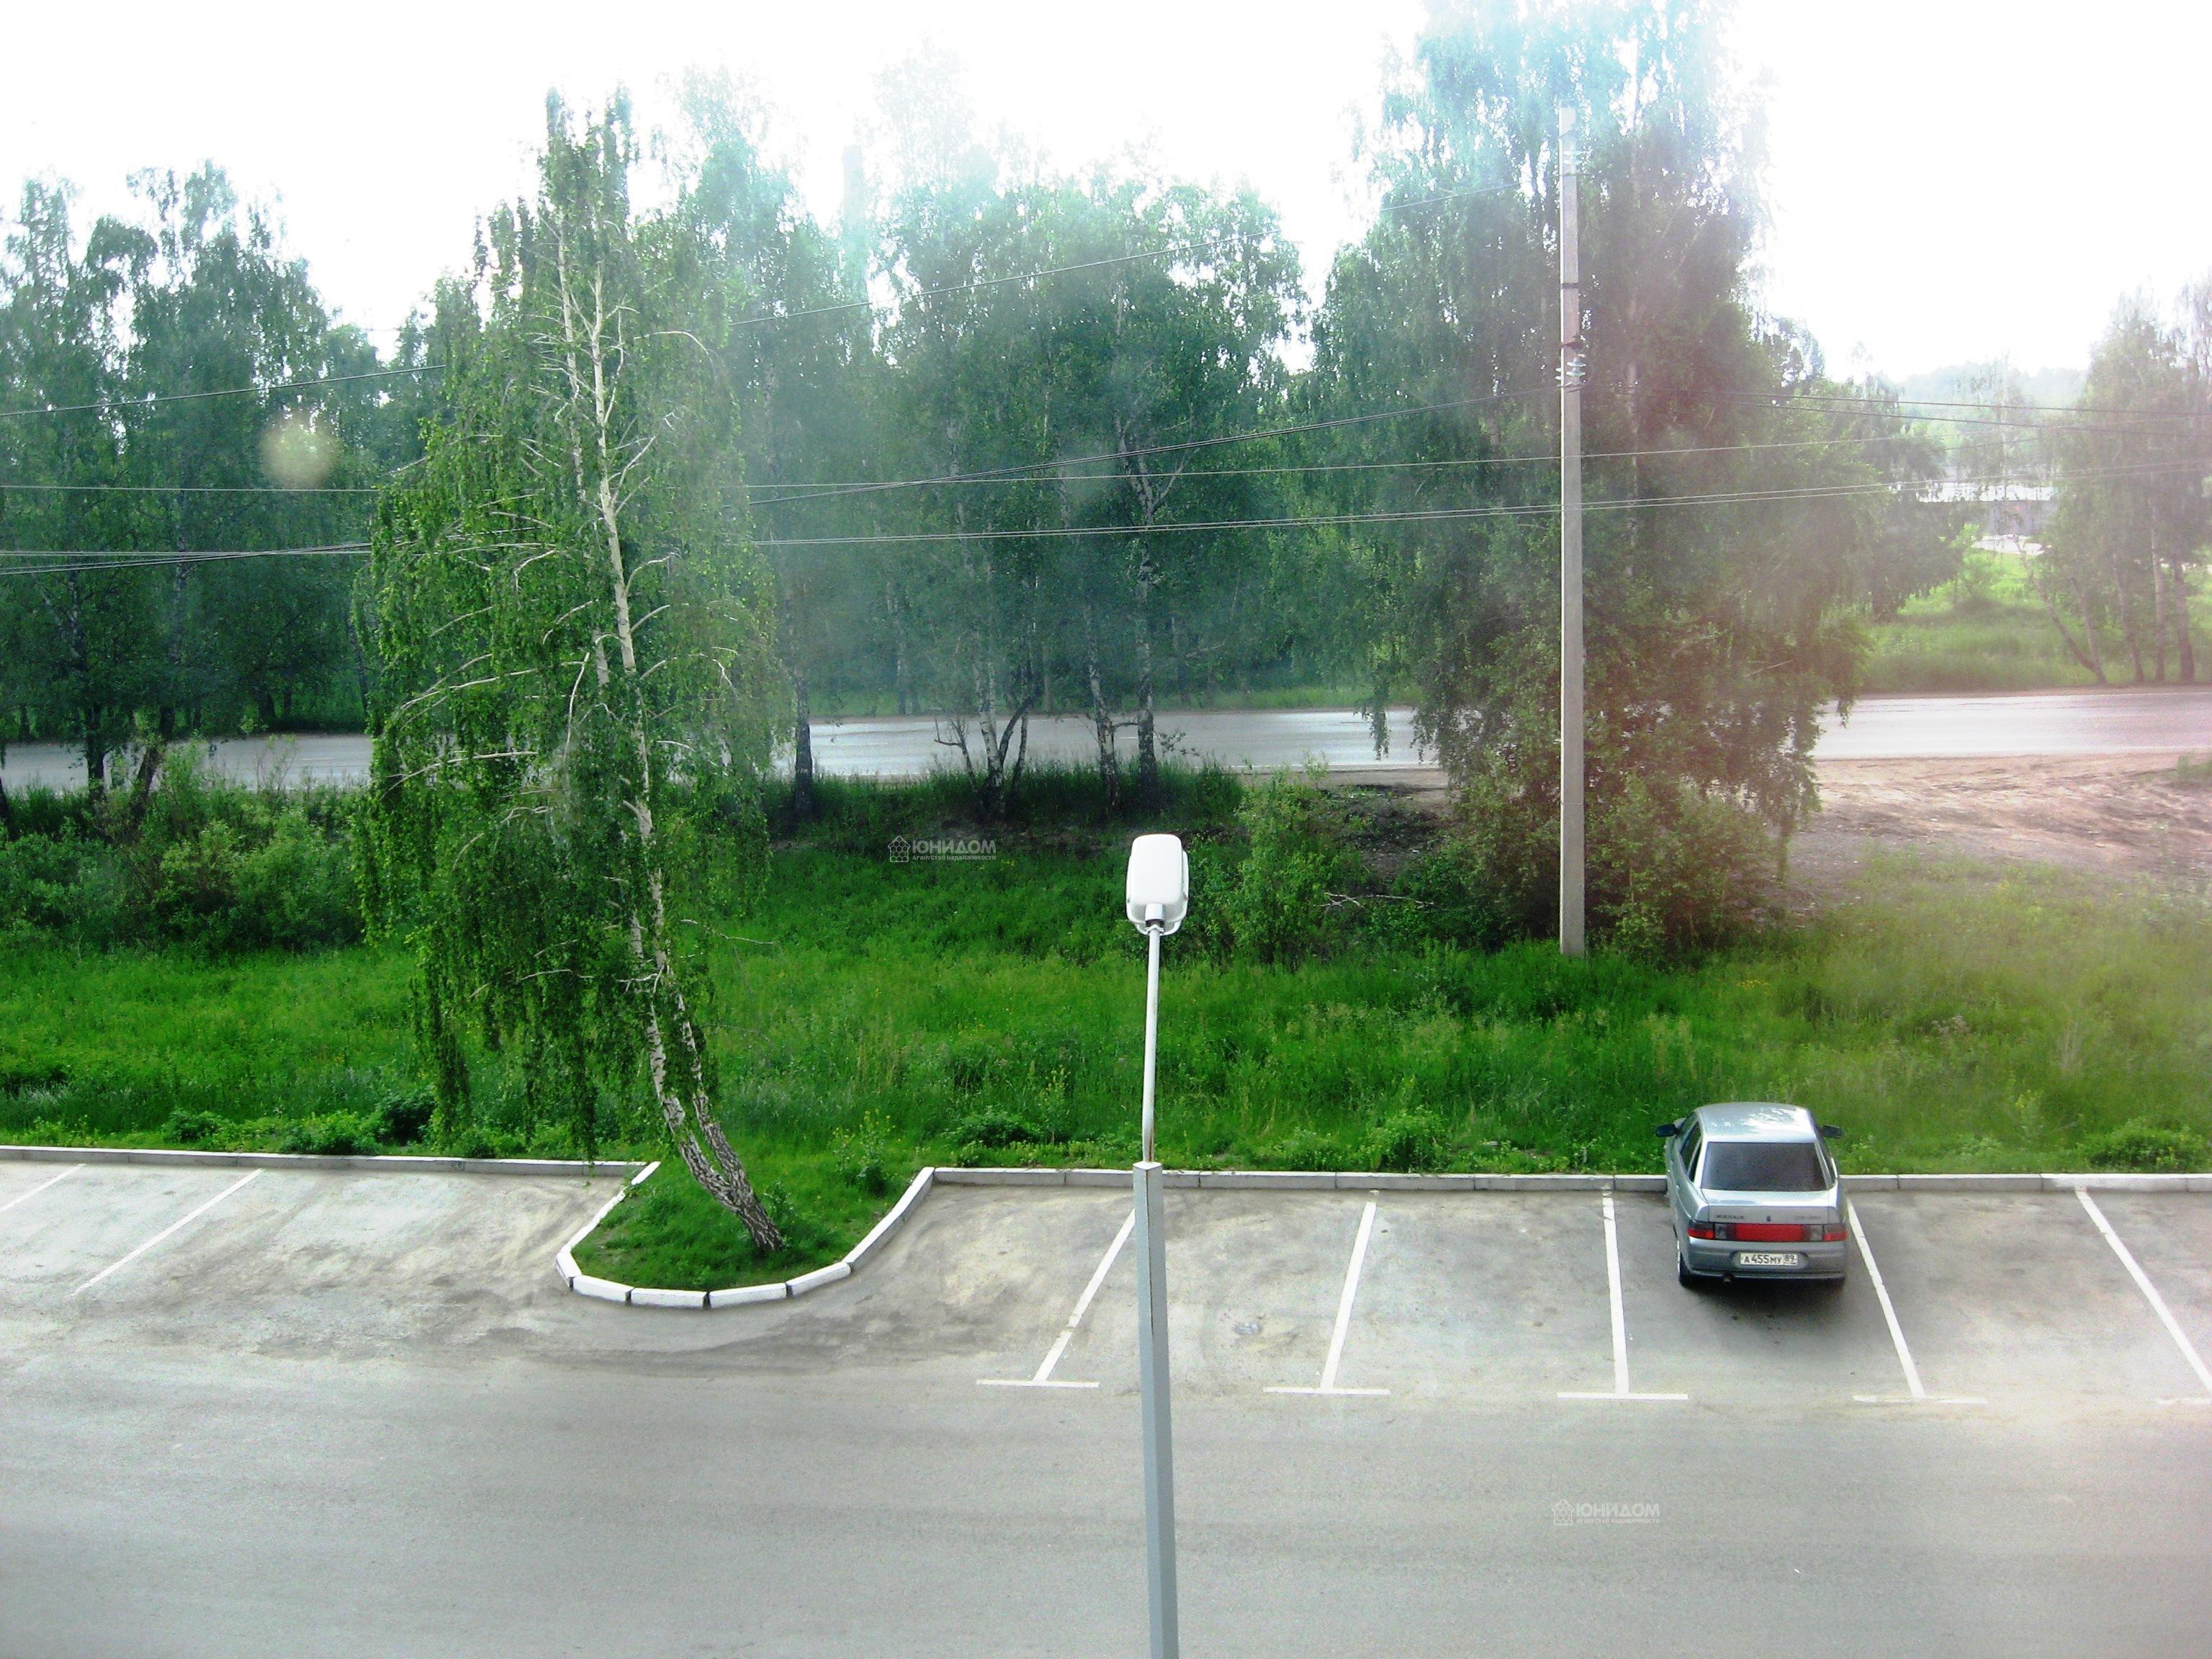 Продам 3-комн. квартиру по адресу Россия, Тюменская область, Тюмень, Беловежская 7 к1 фото 11 по выгодной цене